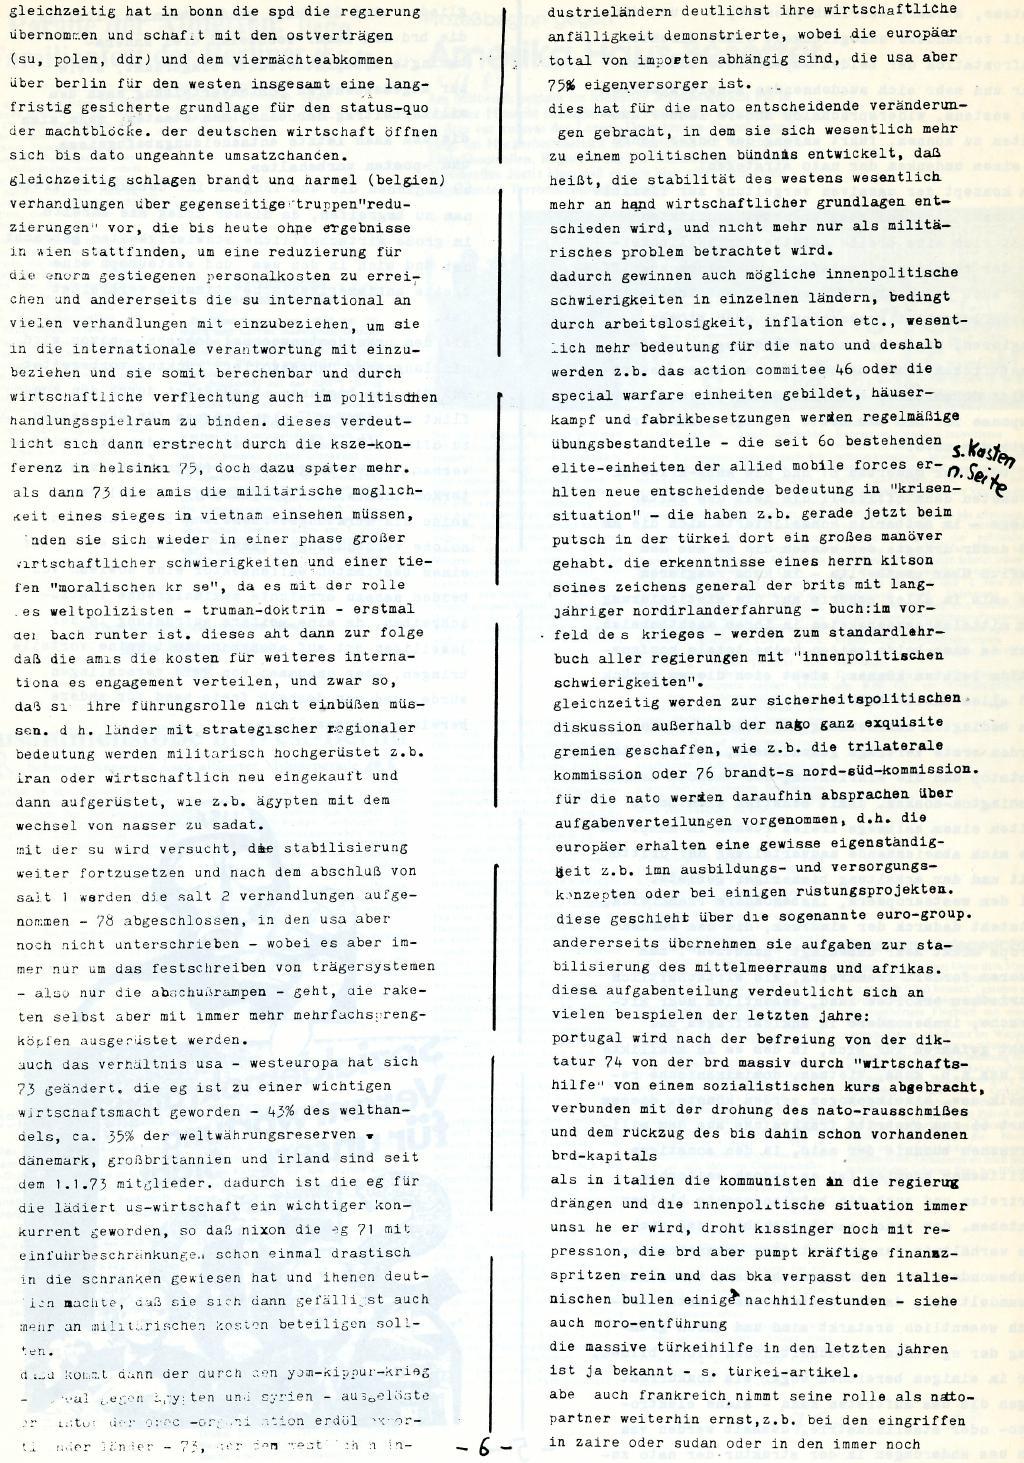 Bremen_1980_NATO_Broschuere_06